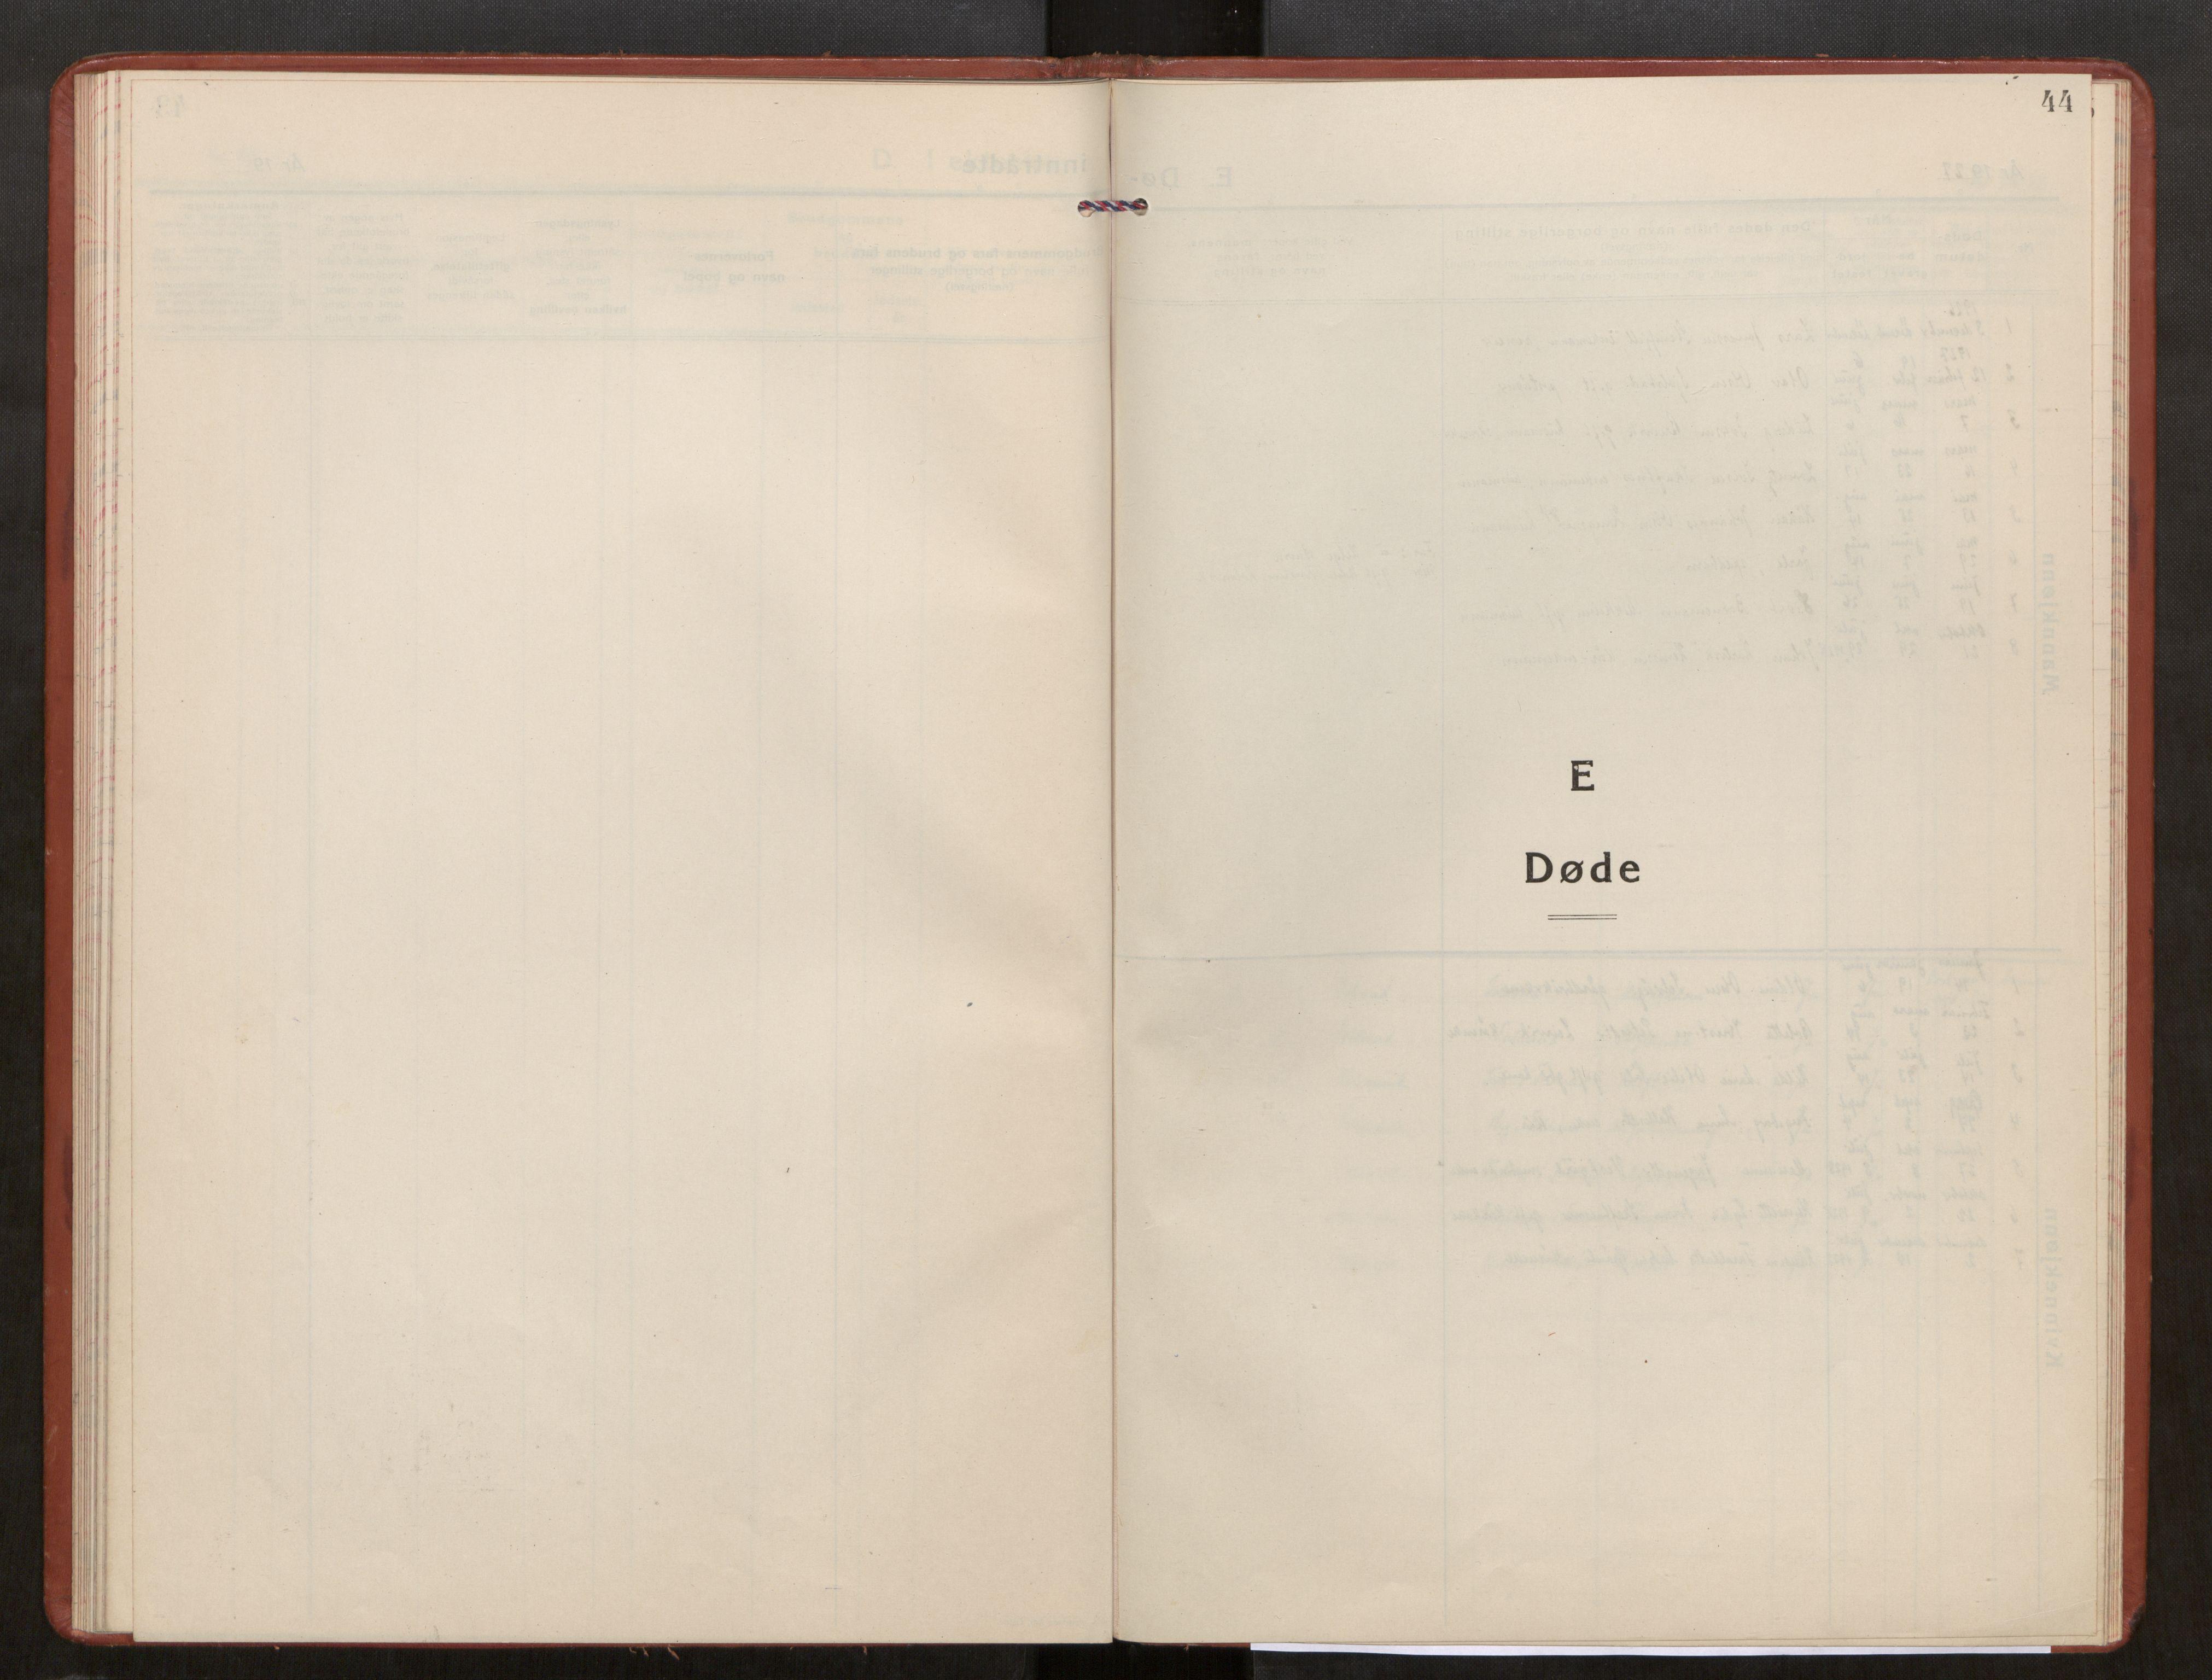 SAT, Kolvereid sokneprestkontor, H/Ha/Haa/L0003: Parish register (official) no. 3, 1927-1935, p. 44